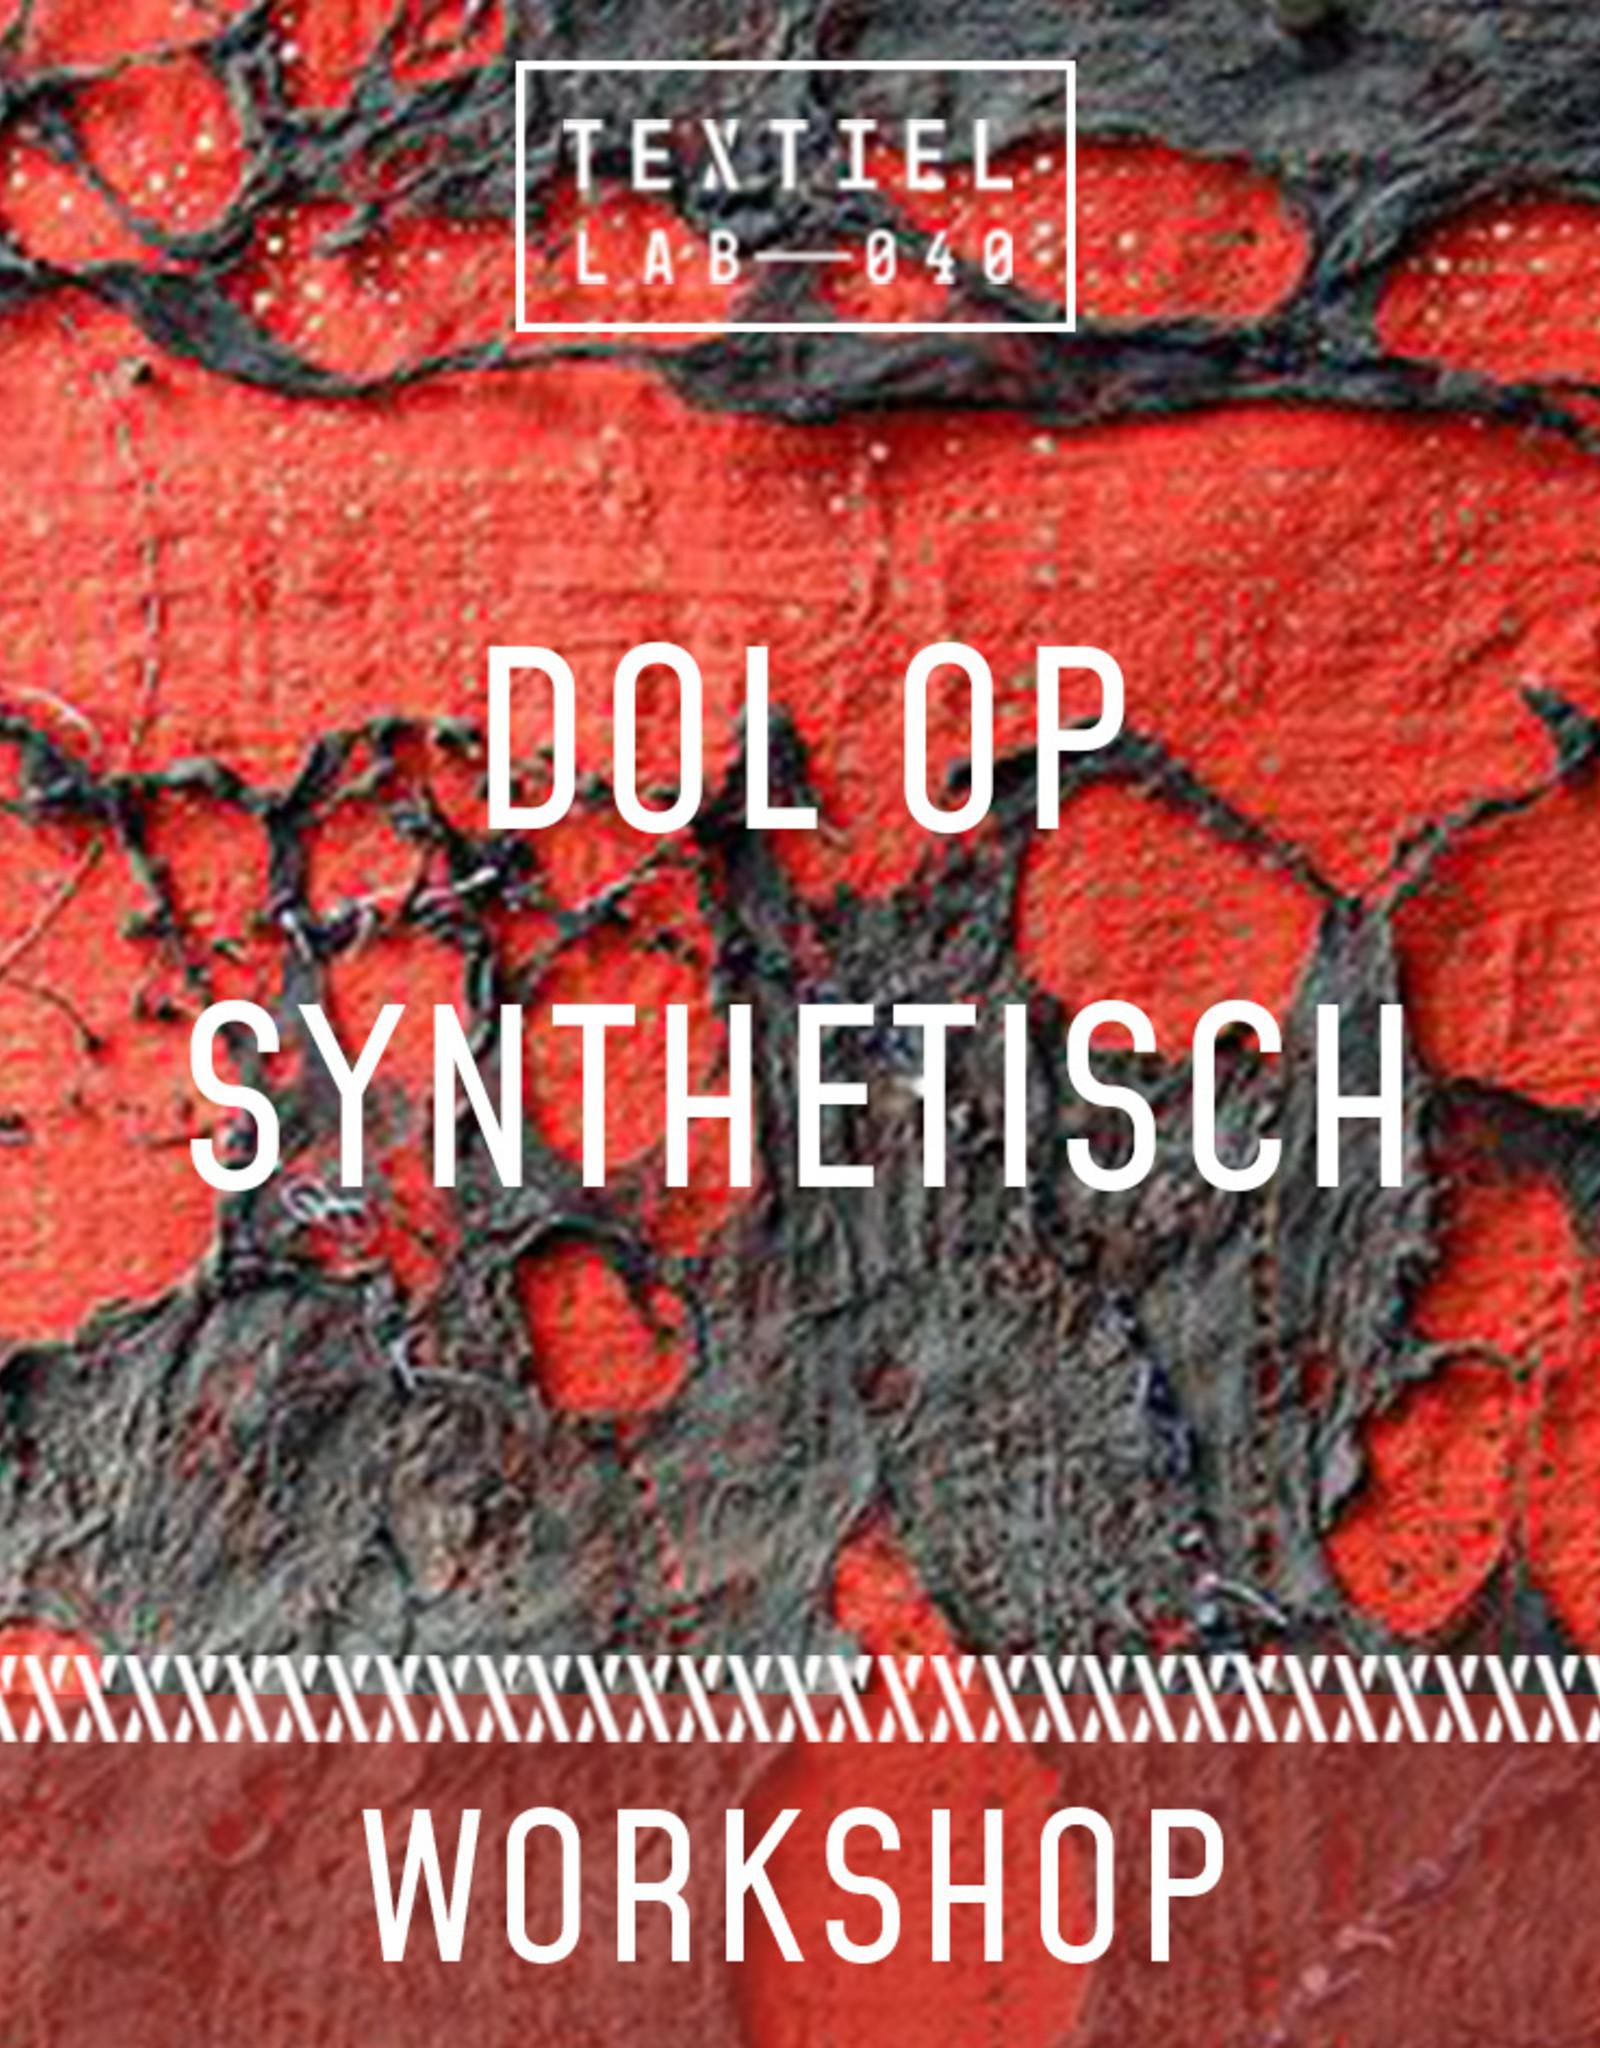 Dol op Synthetisch - 03/07/21